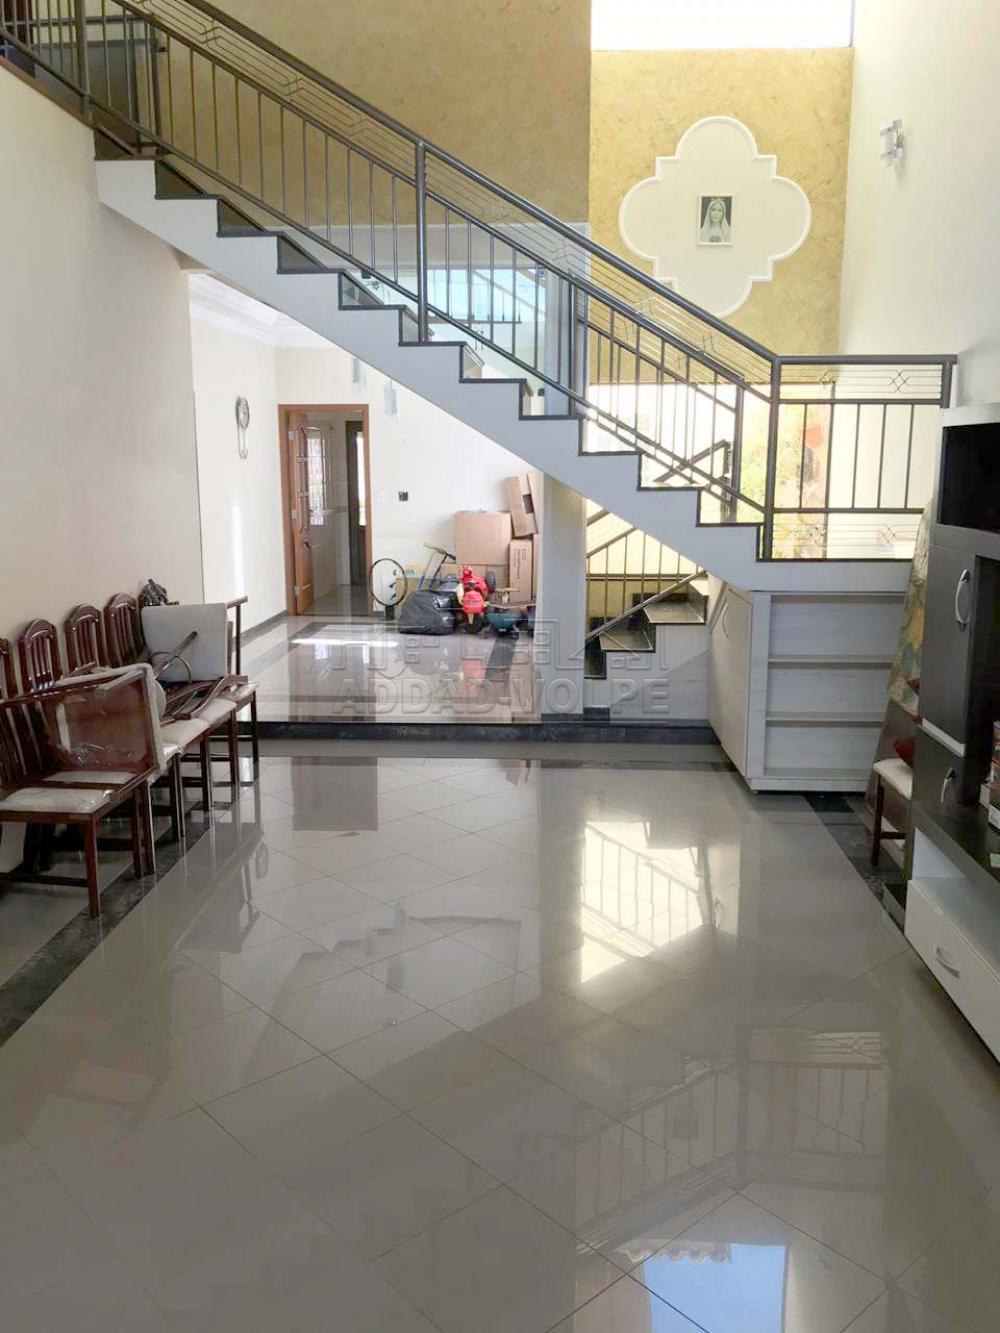 Comprar Casa / Sobrado em Bauru apenas R$ 1.000.000,00 - Foto 5